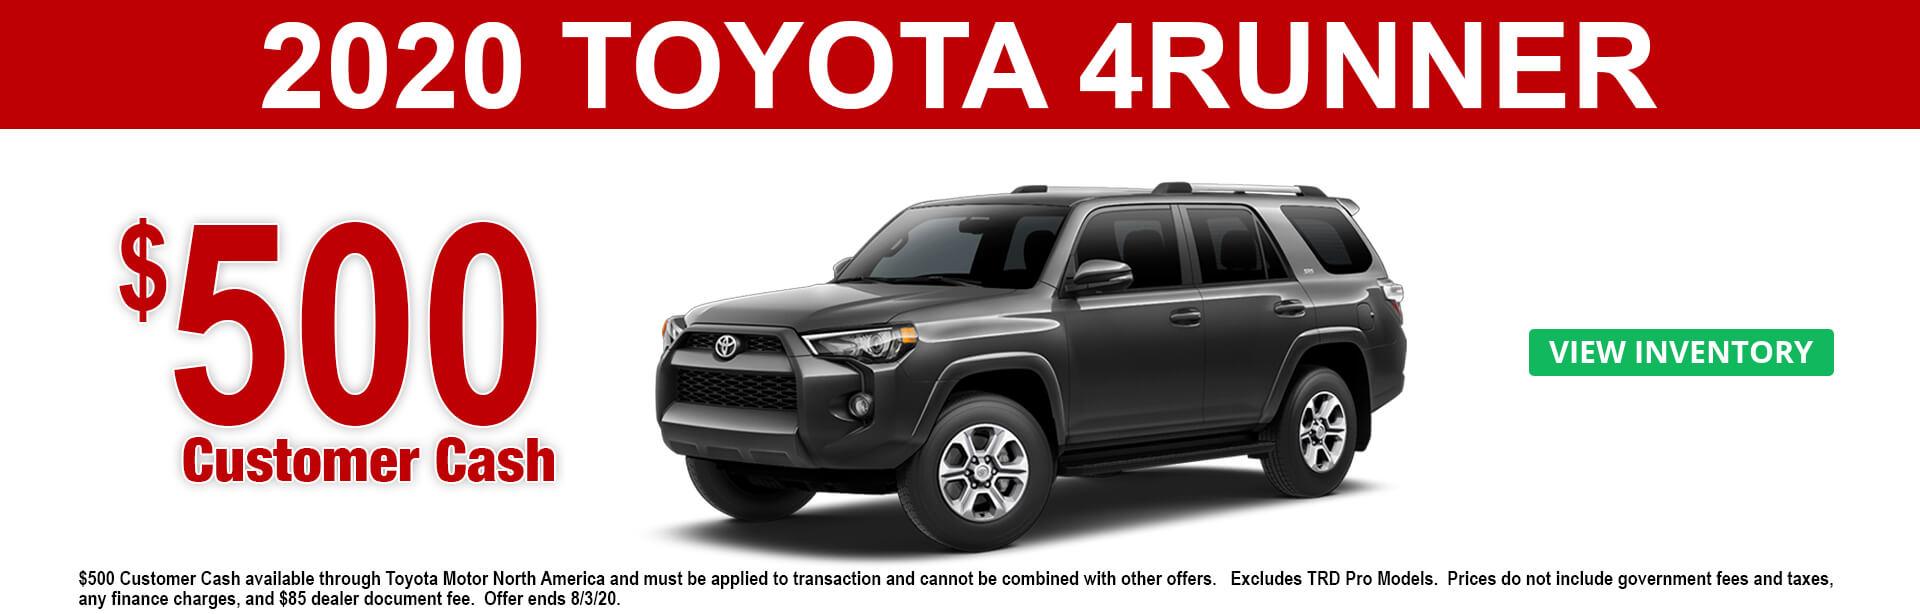 2020 Toyota 4Runner Customer Cash Offer